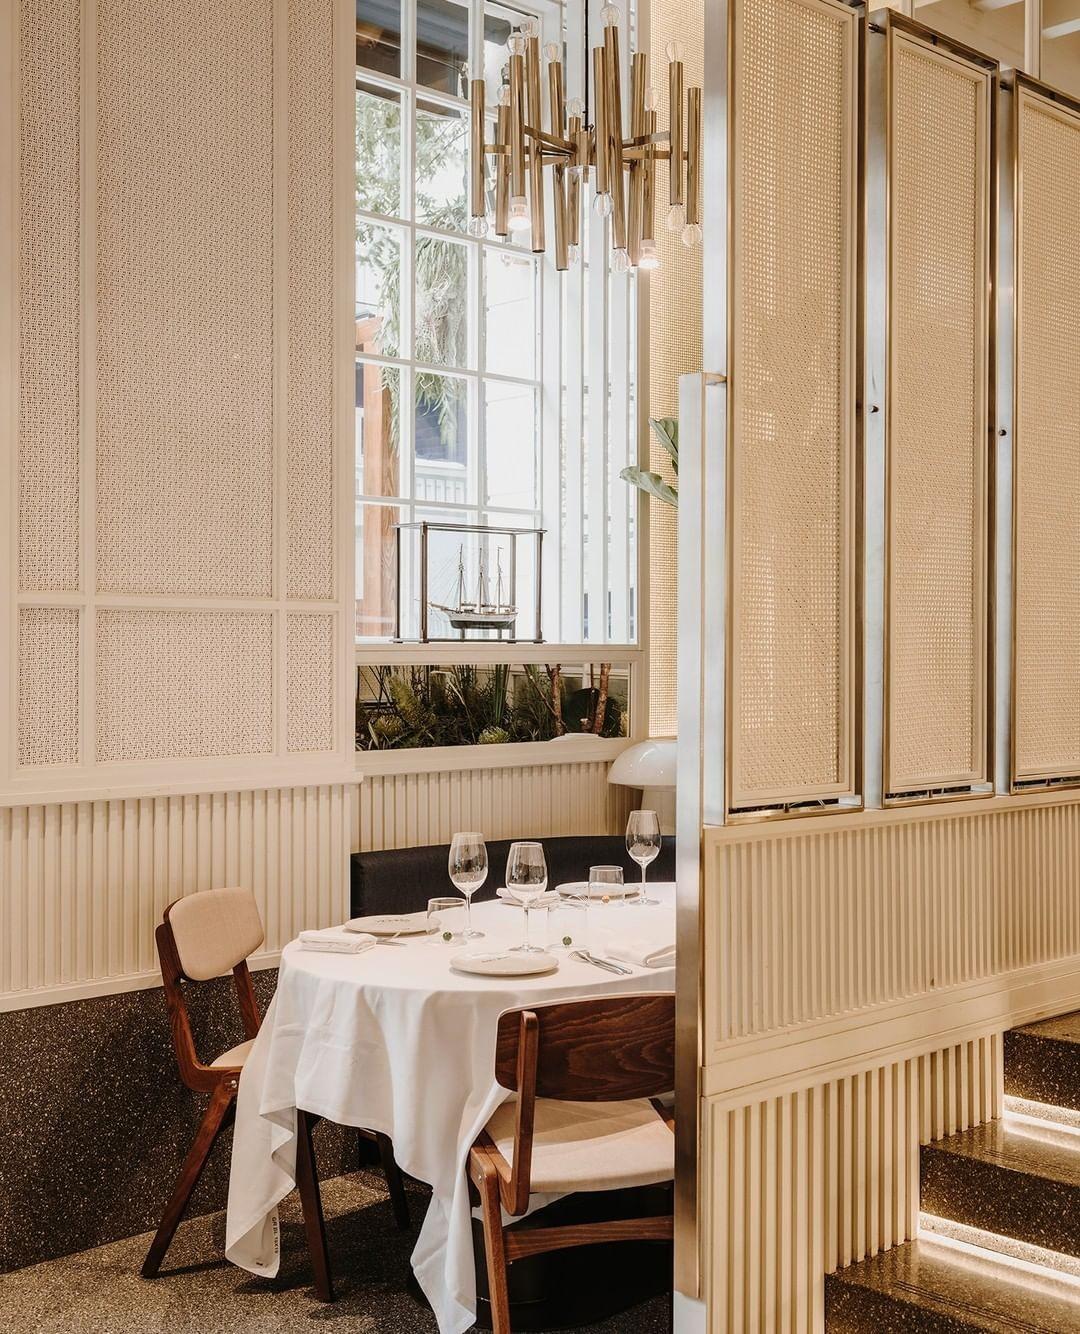 Diseño de Interiores: Astet un estudio lujuoso y poderoso en Barcelona diseño de interiores Diseño de Interiores: Astet un estudio lujuoso y poderoso en Barcelona 115746602 324654635329718 4321423909929403251 n